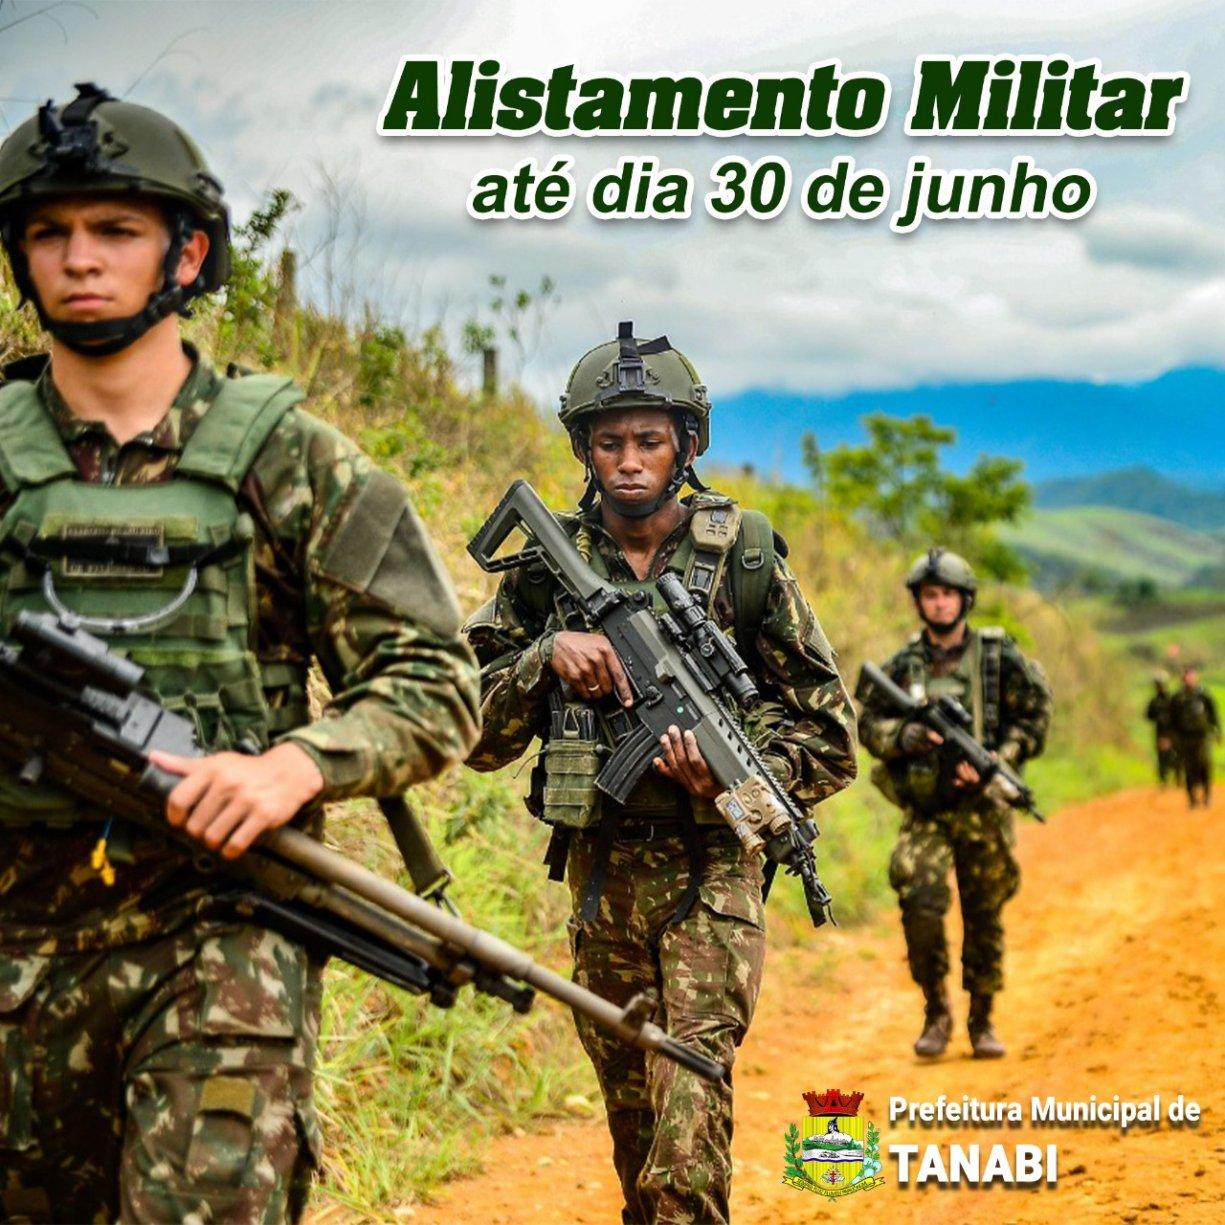 Alistamento Militar para nascidos em 2003 termina no dia 30 de junho